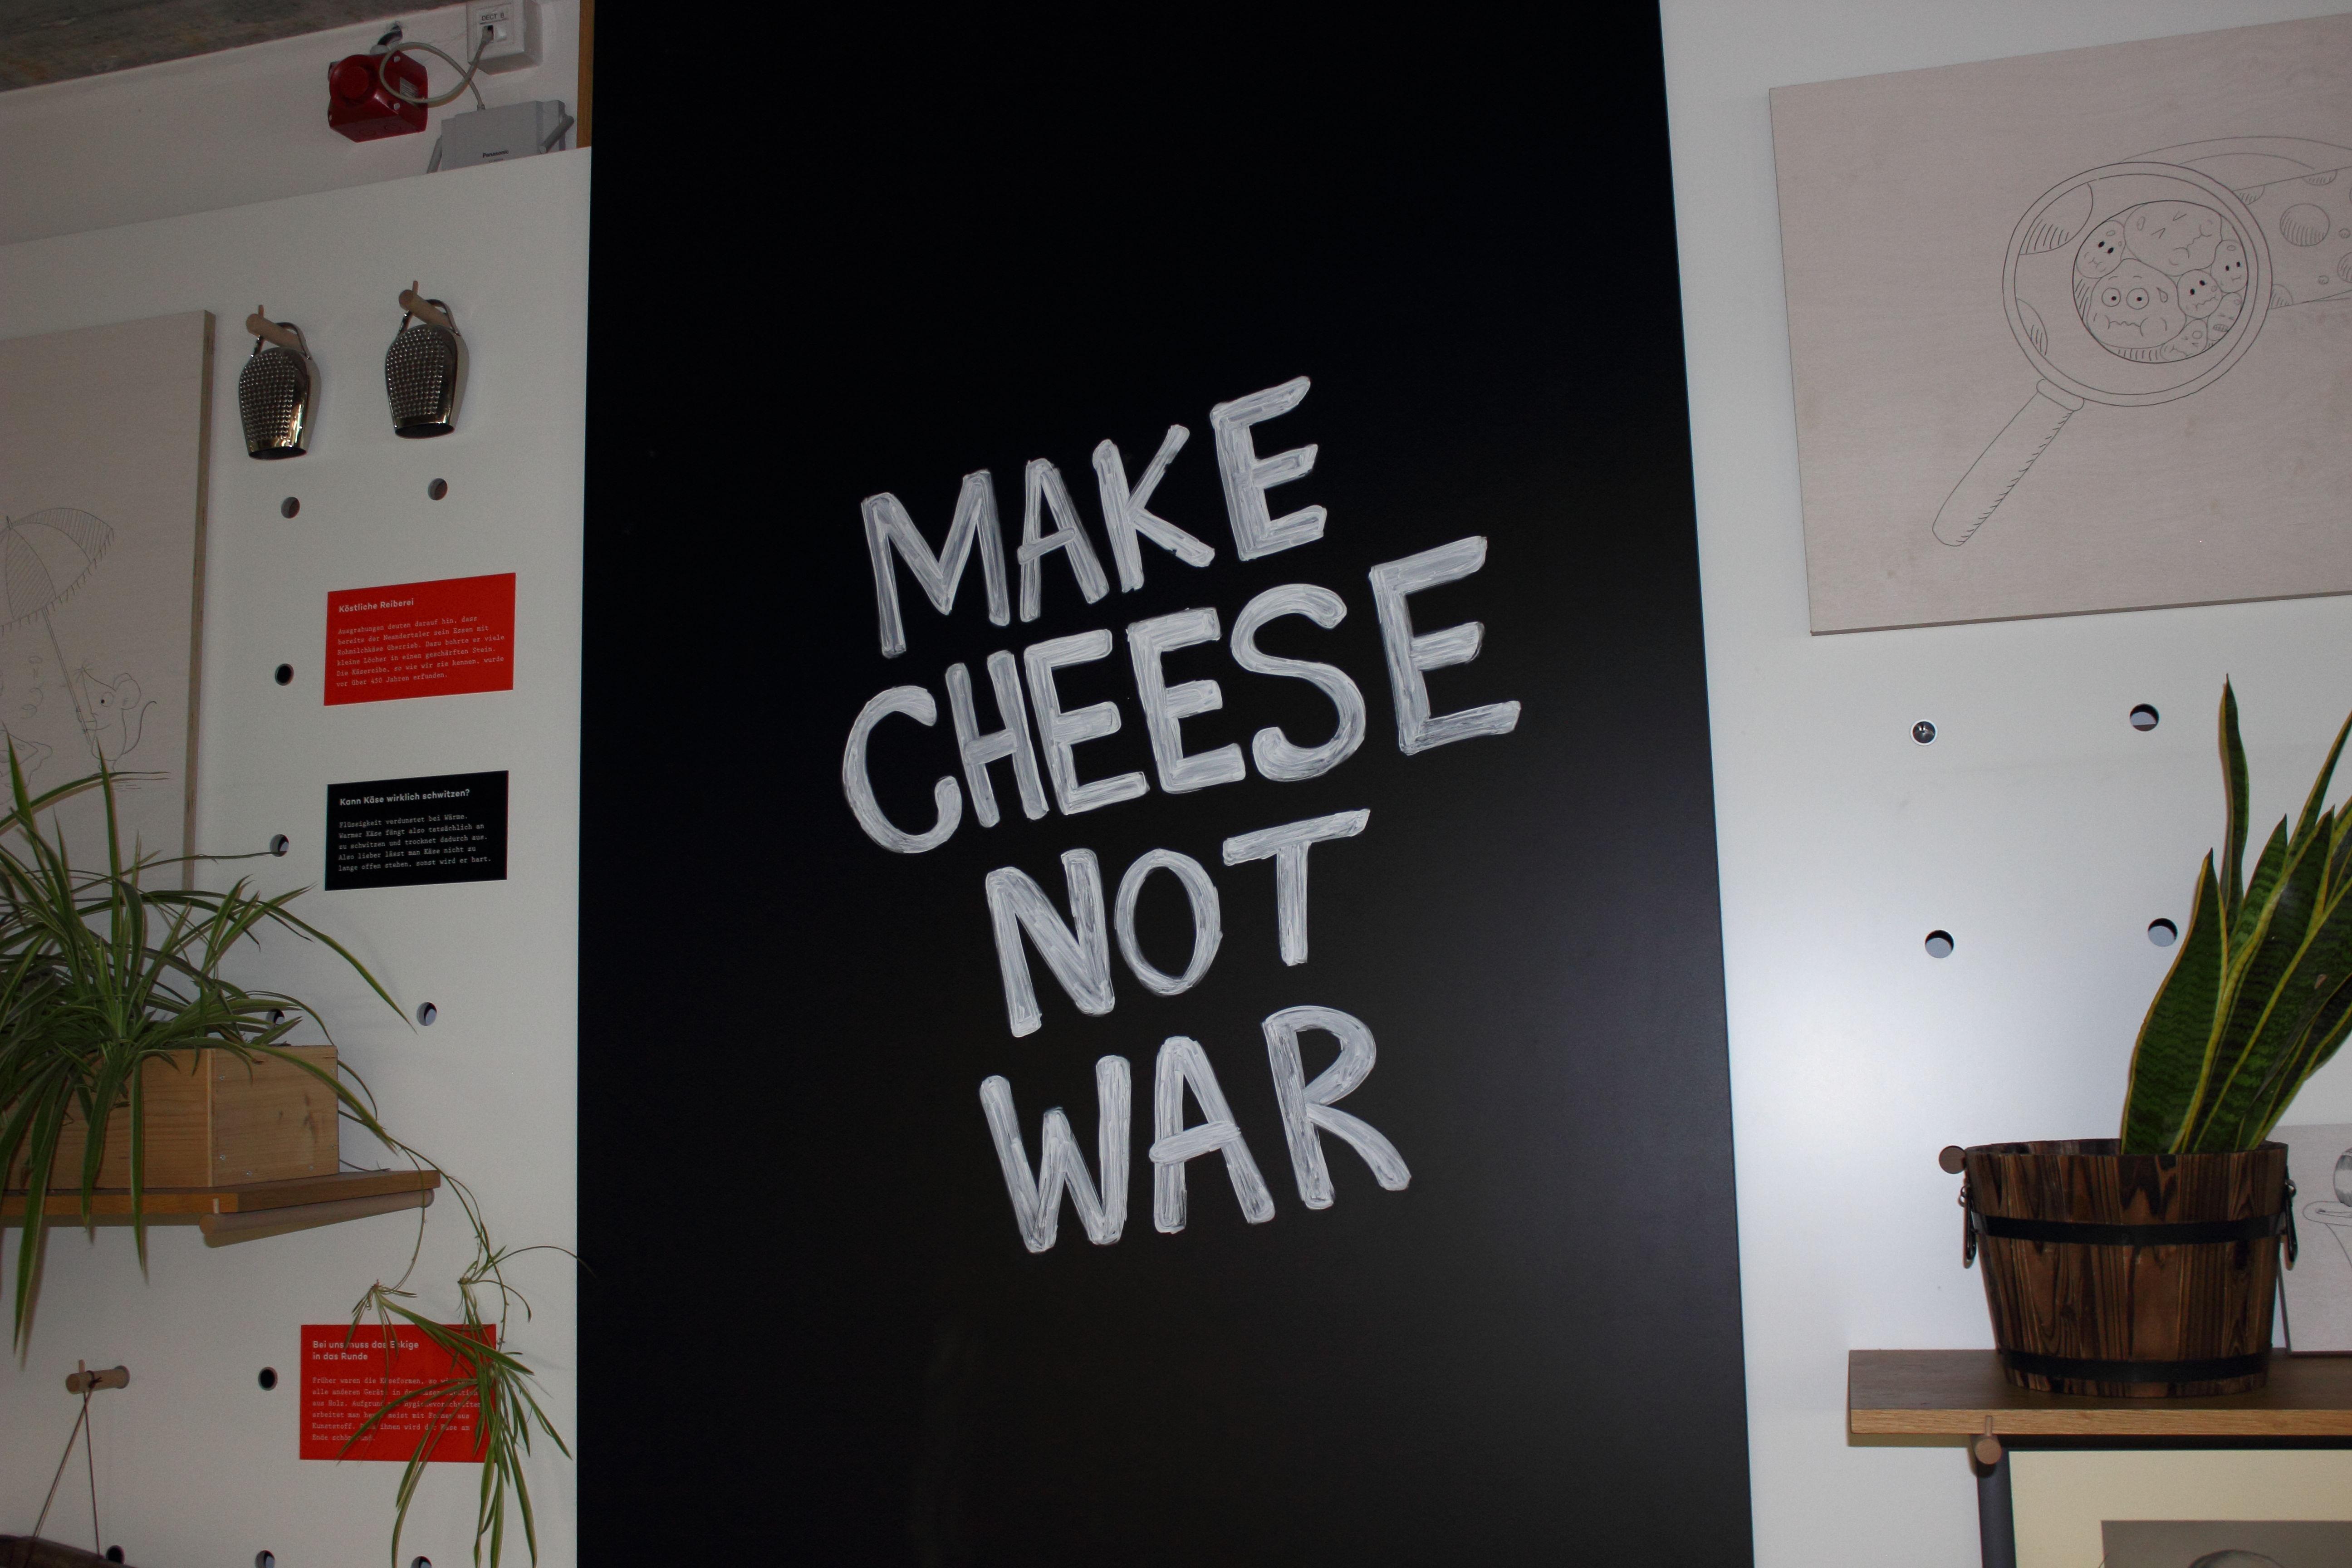 Hafenkäserei Make cheese